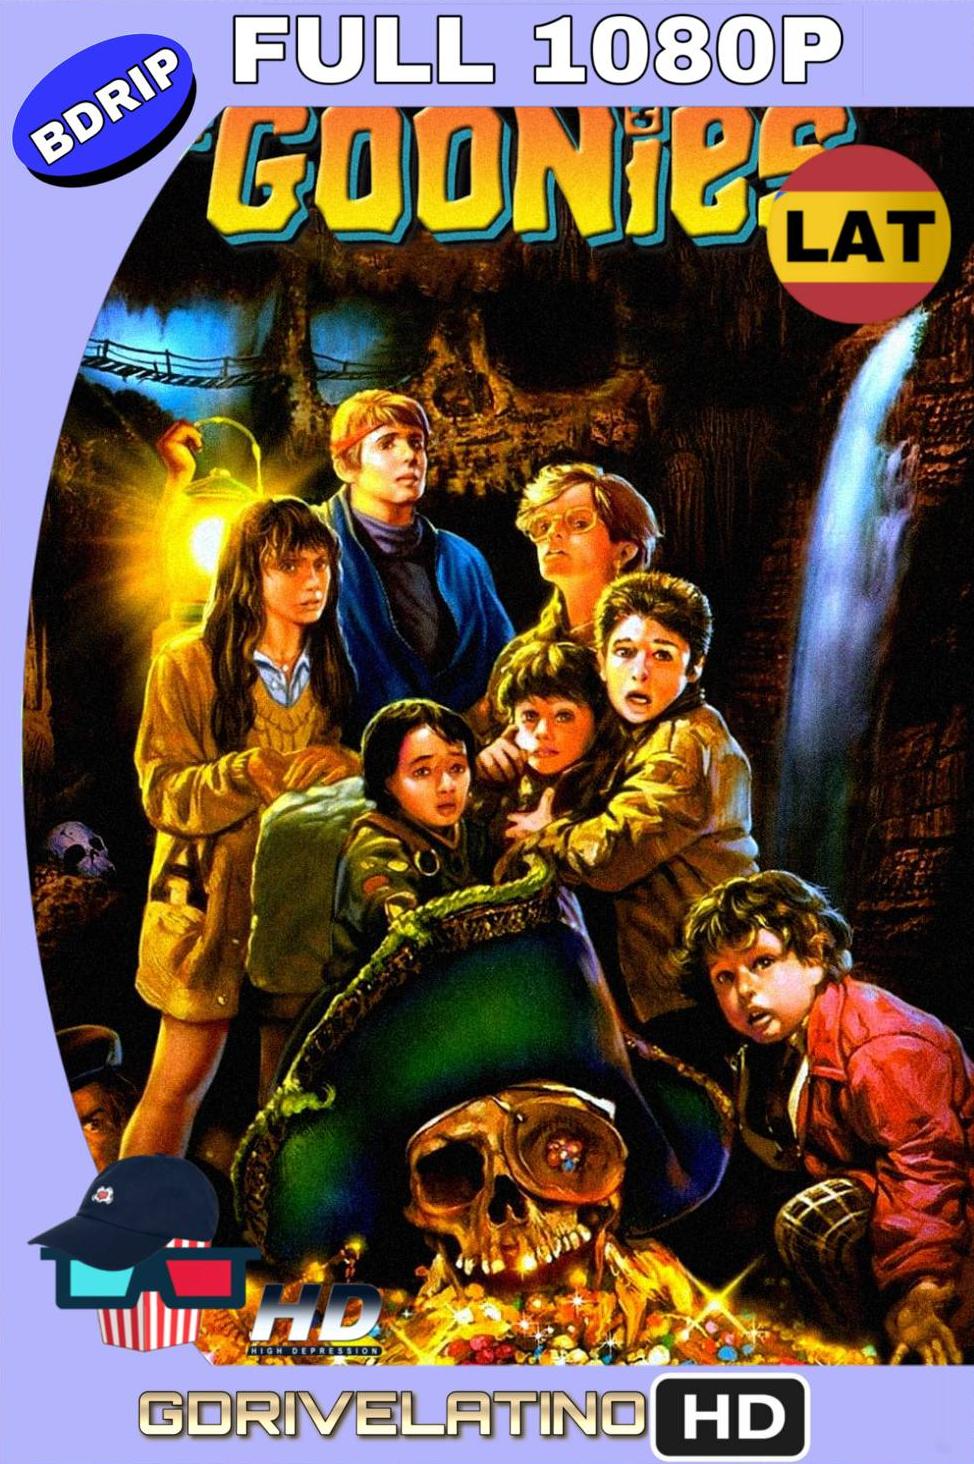 Los Goonies (1985) BDRip FULL 1080p Latino-Ingles MKV